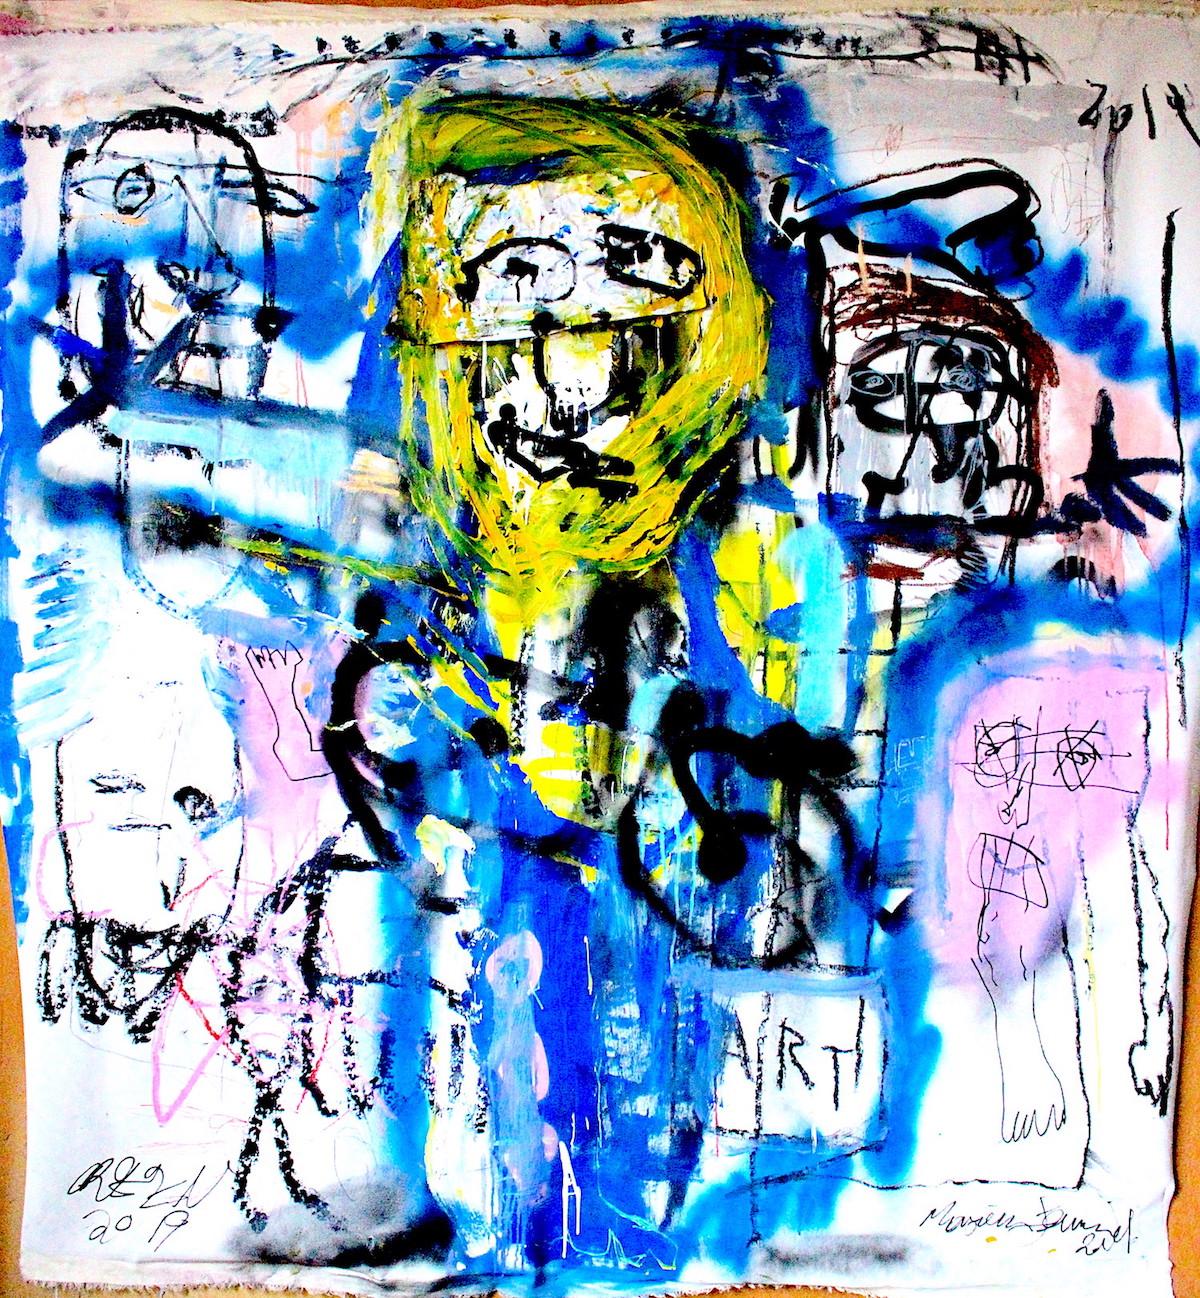 Cricifix by James Green Artist & Monsieur Jamin